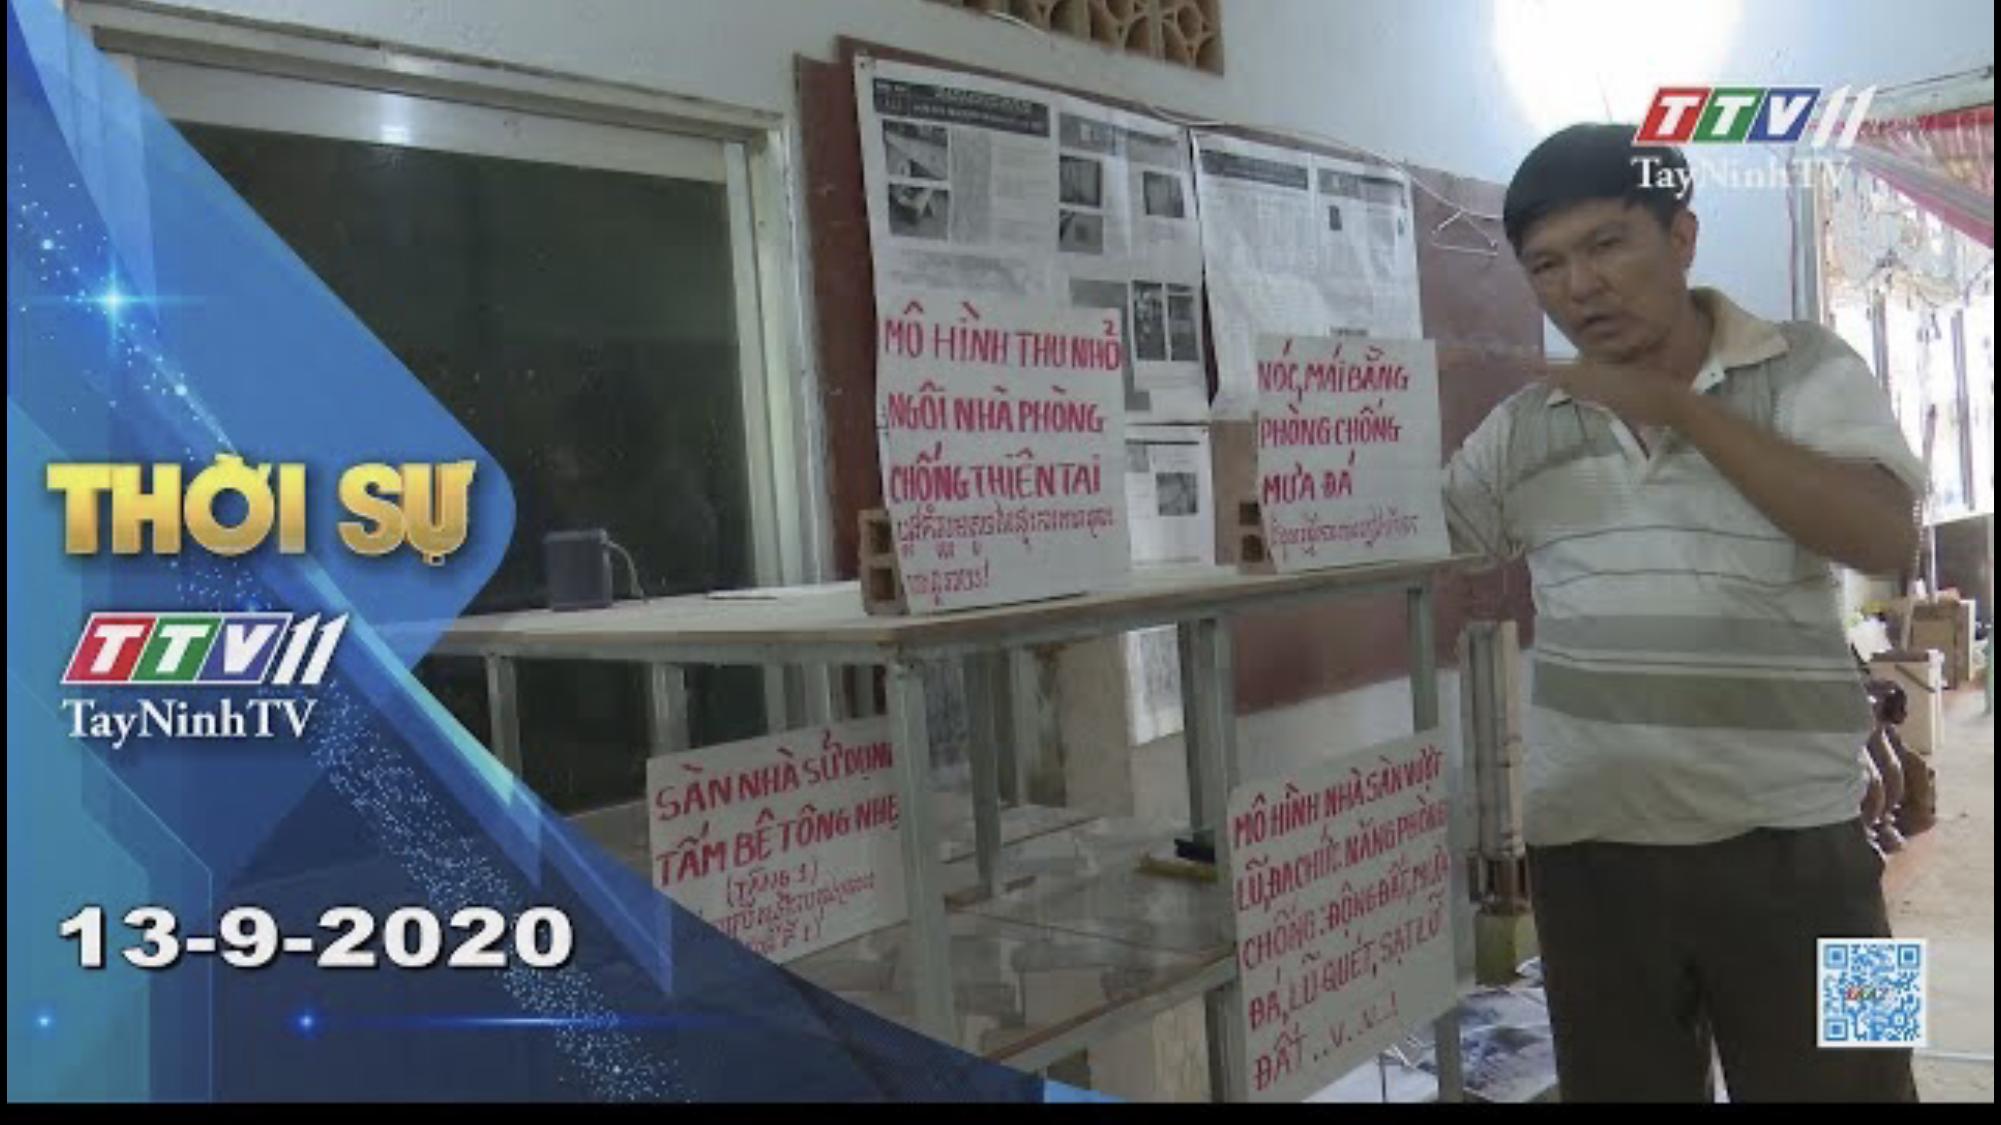 Thời sự Tây Ninh 13-9-2020 | Tin tức hôm nay | TayNinhTV